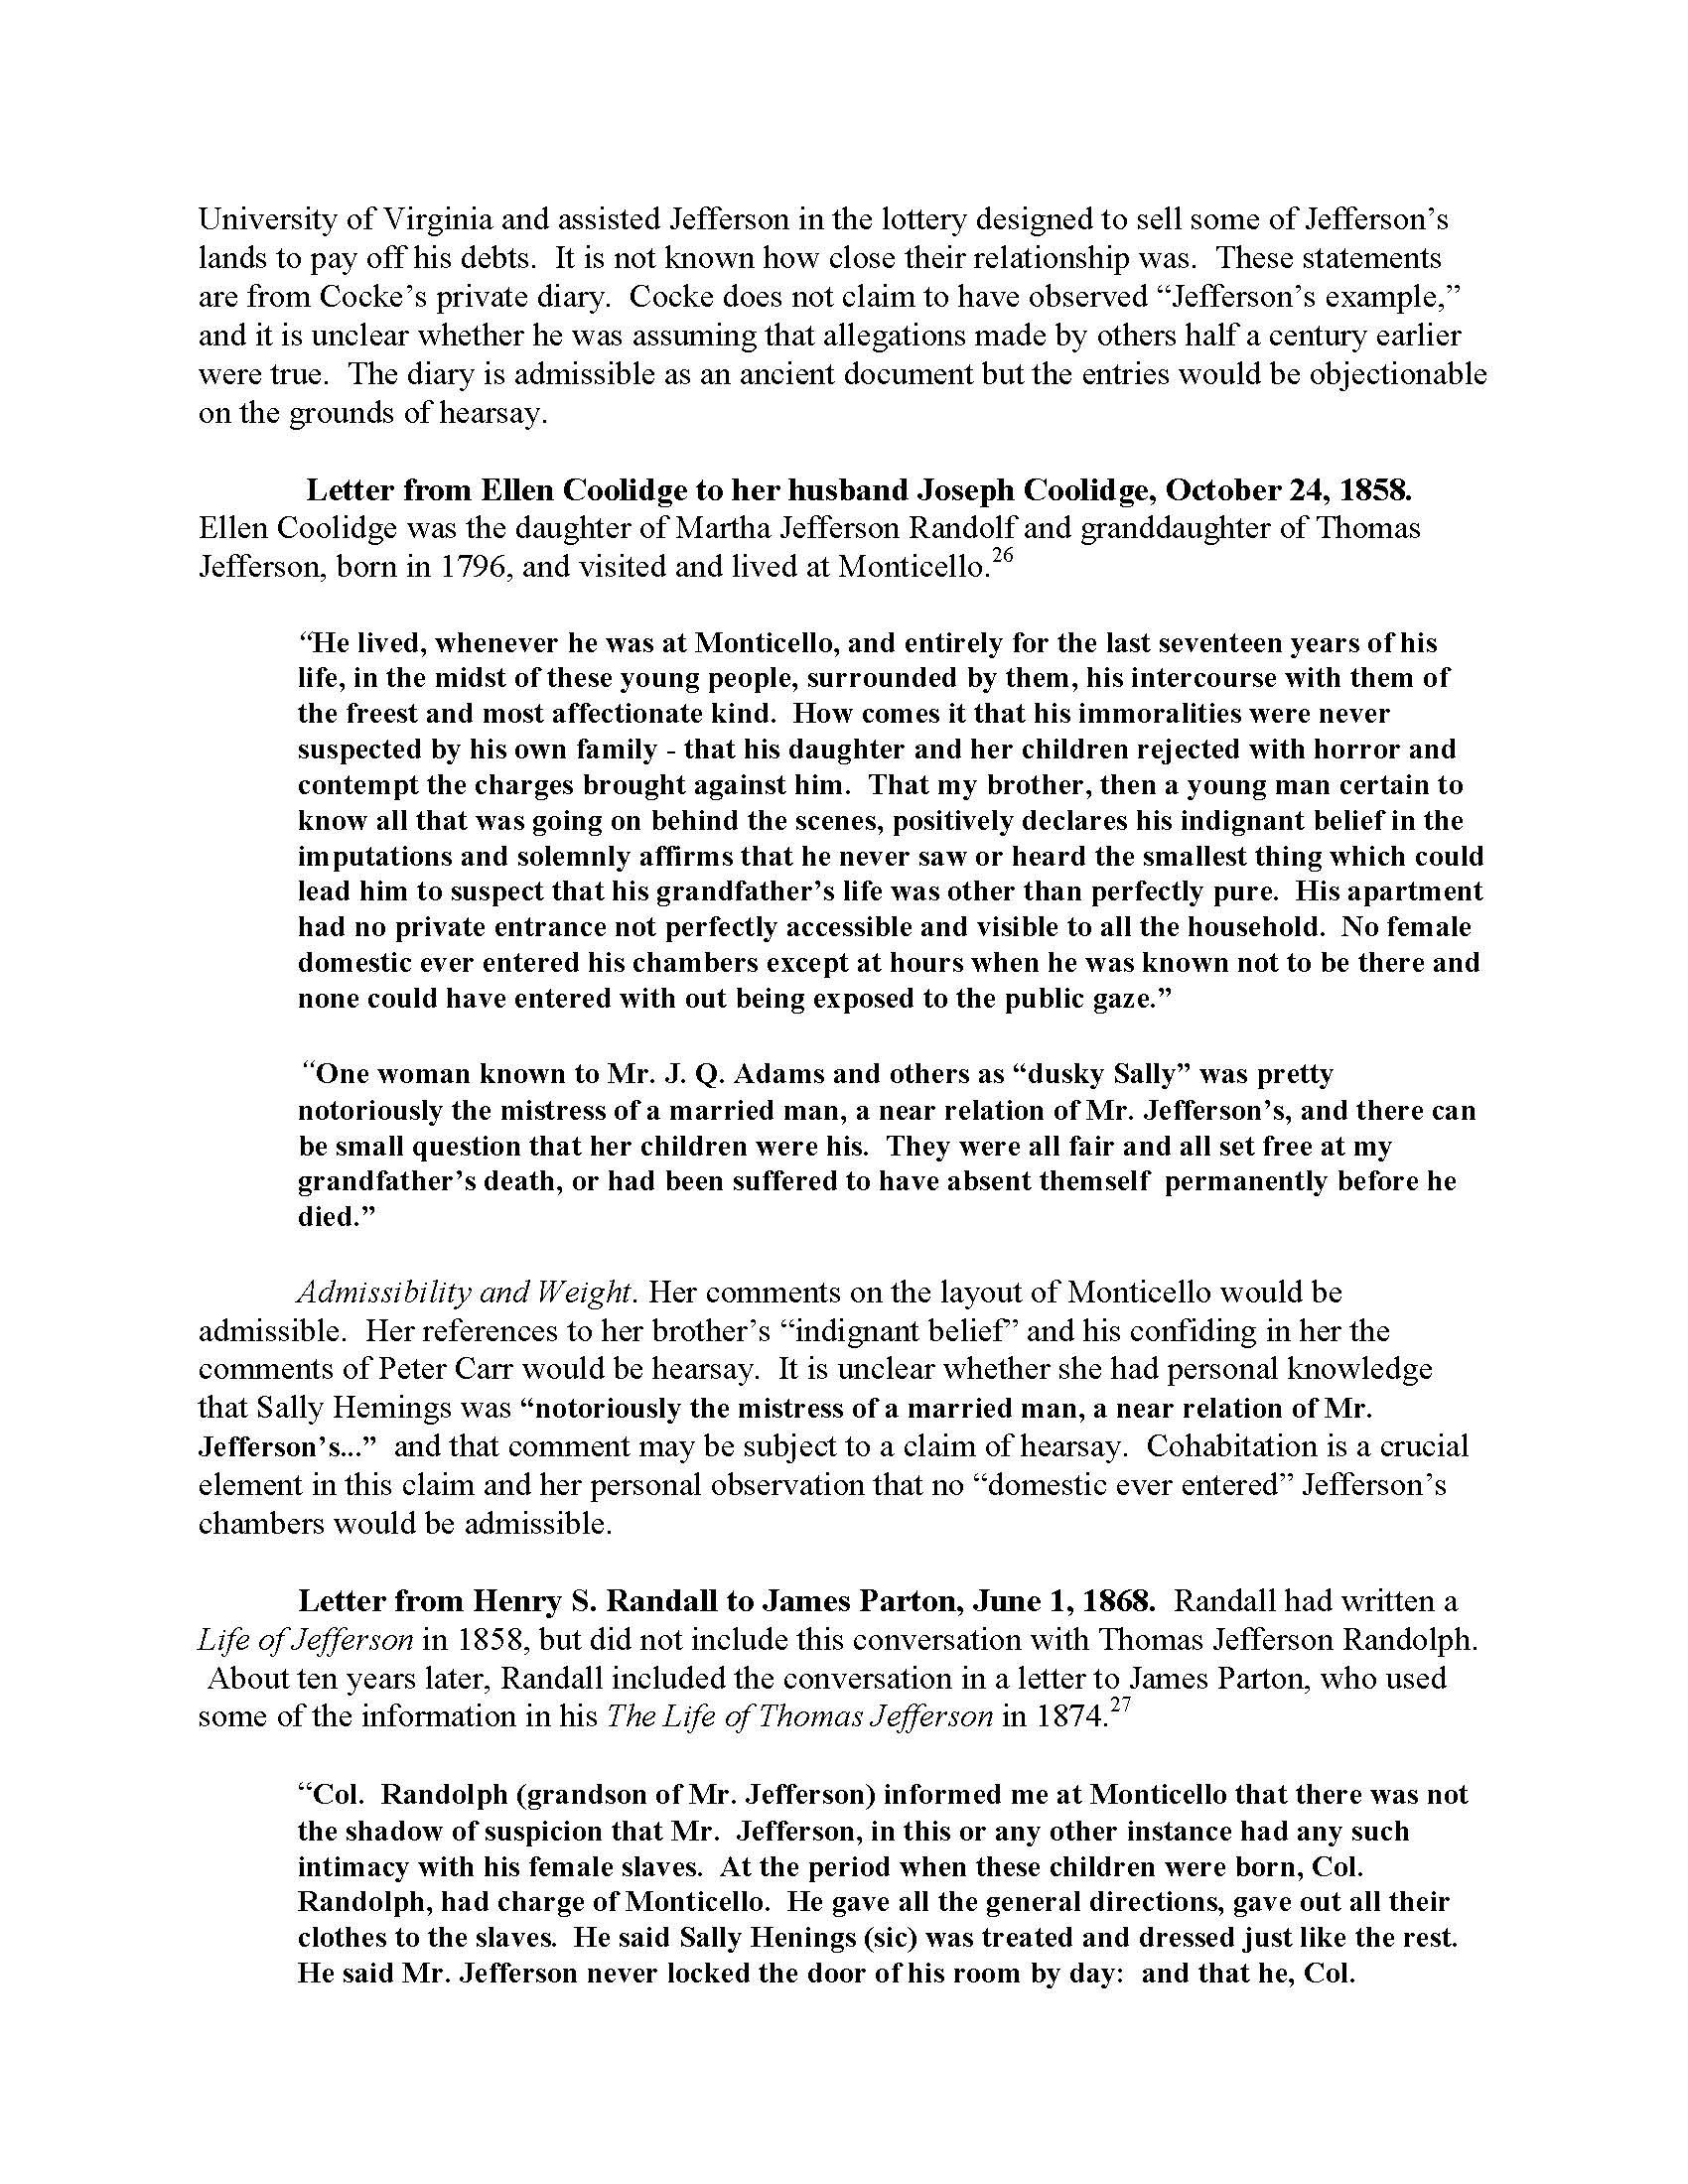 TrialAnalysis_Page_14.jpg